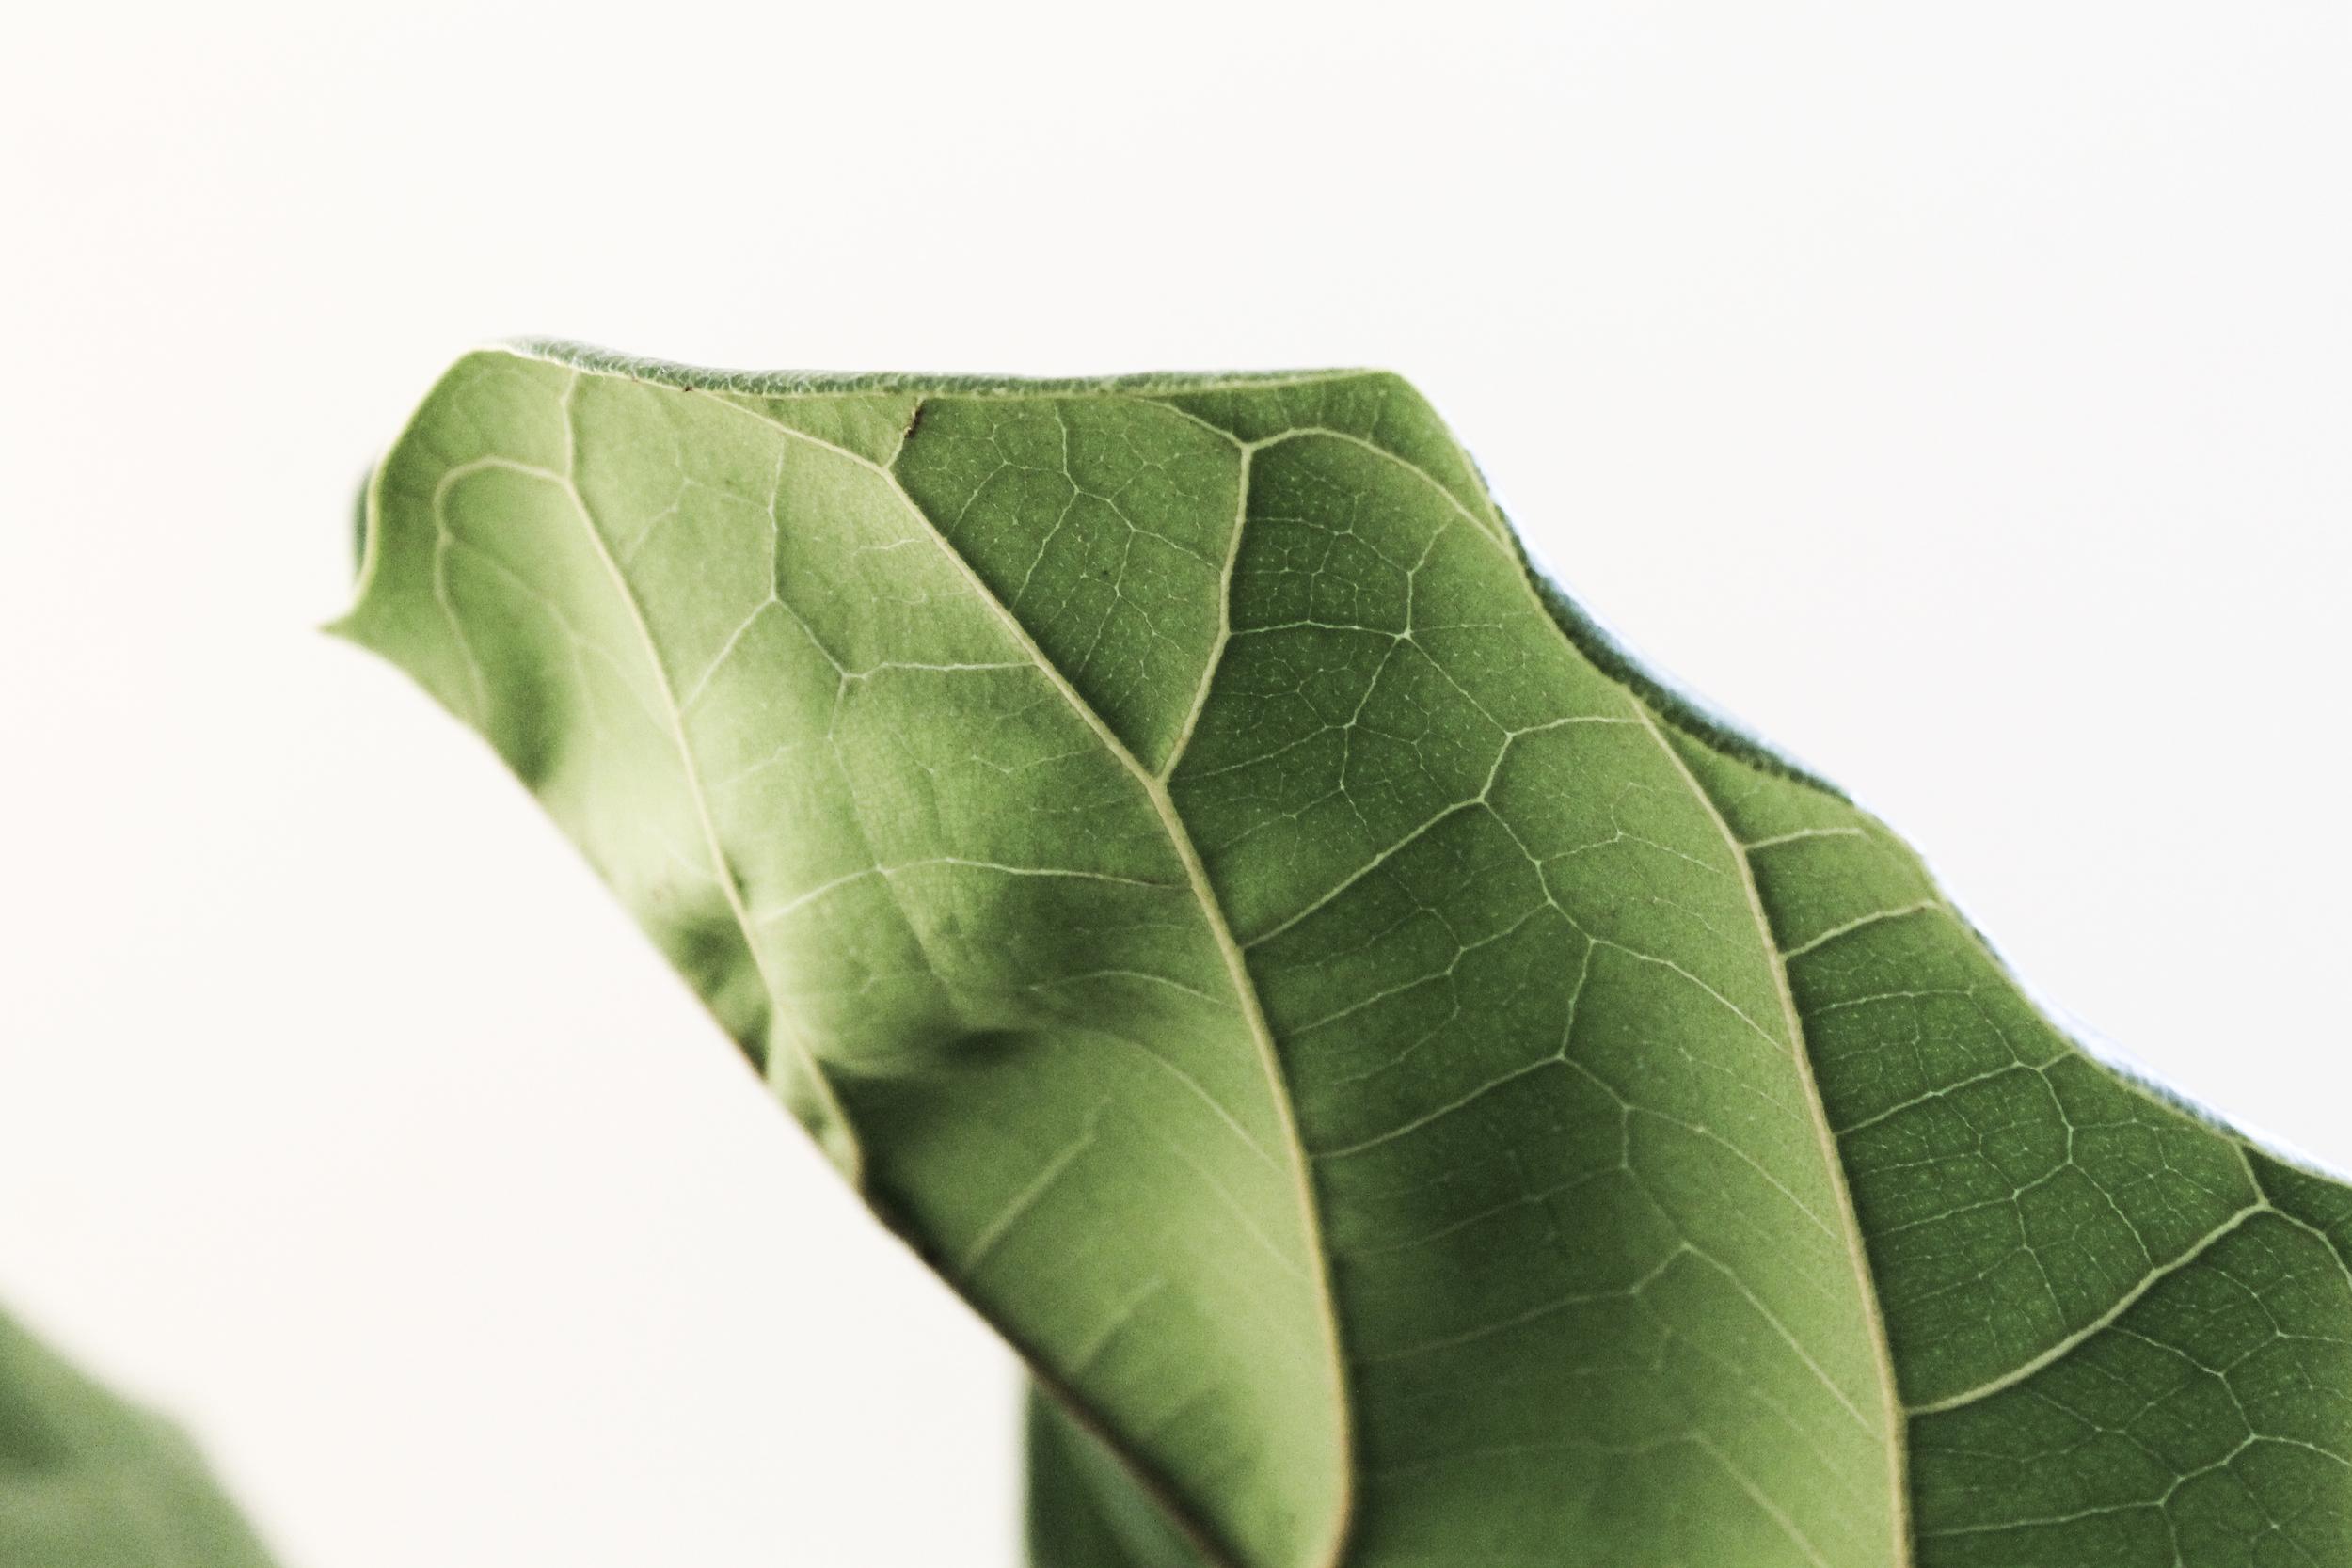 fiddle fig leaf details.jpg